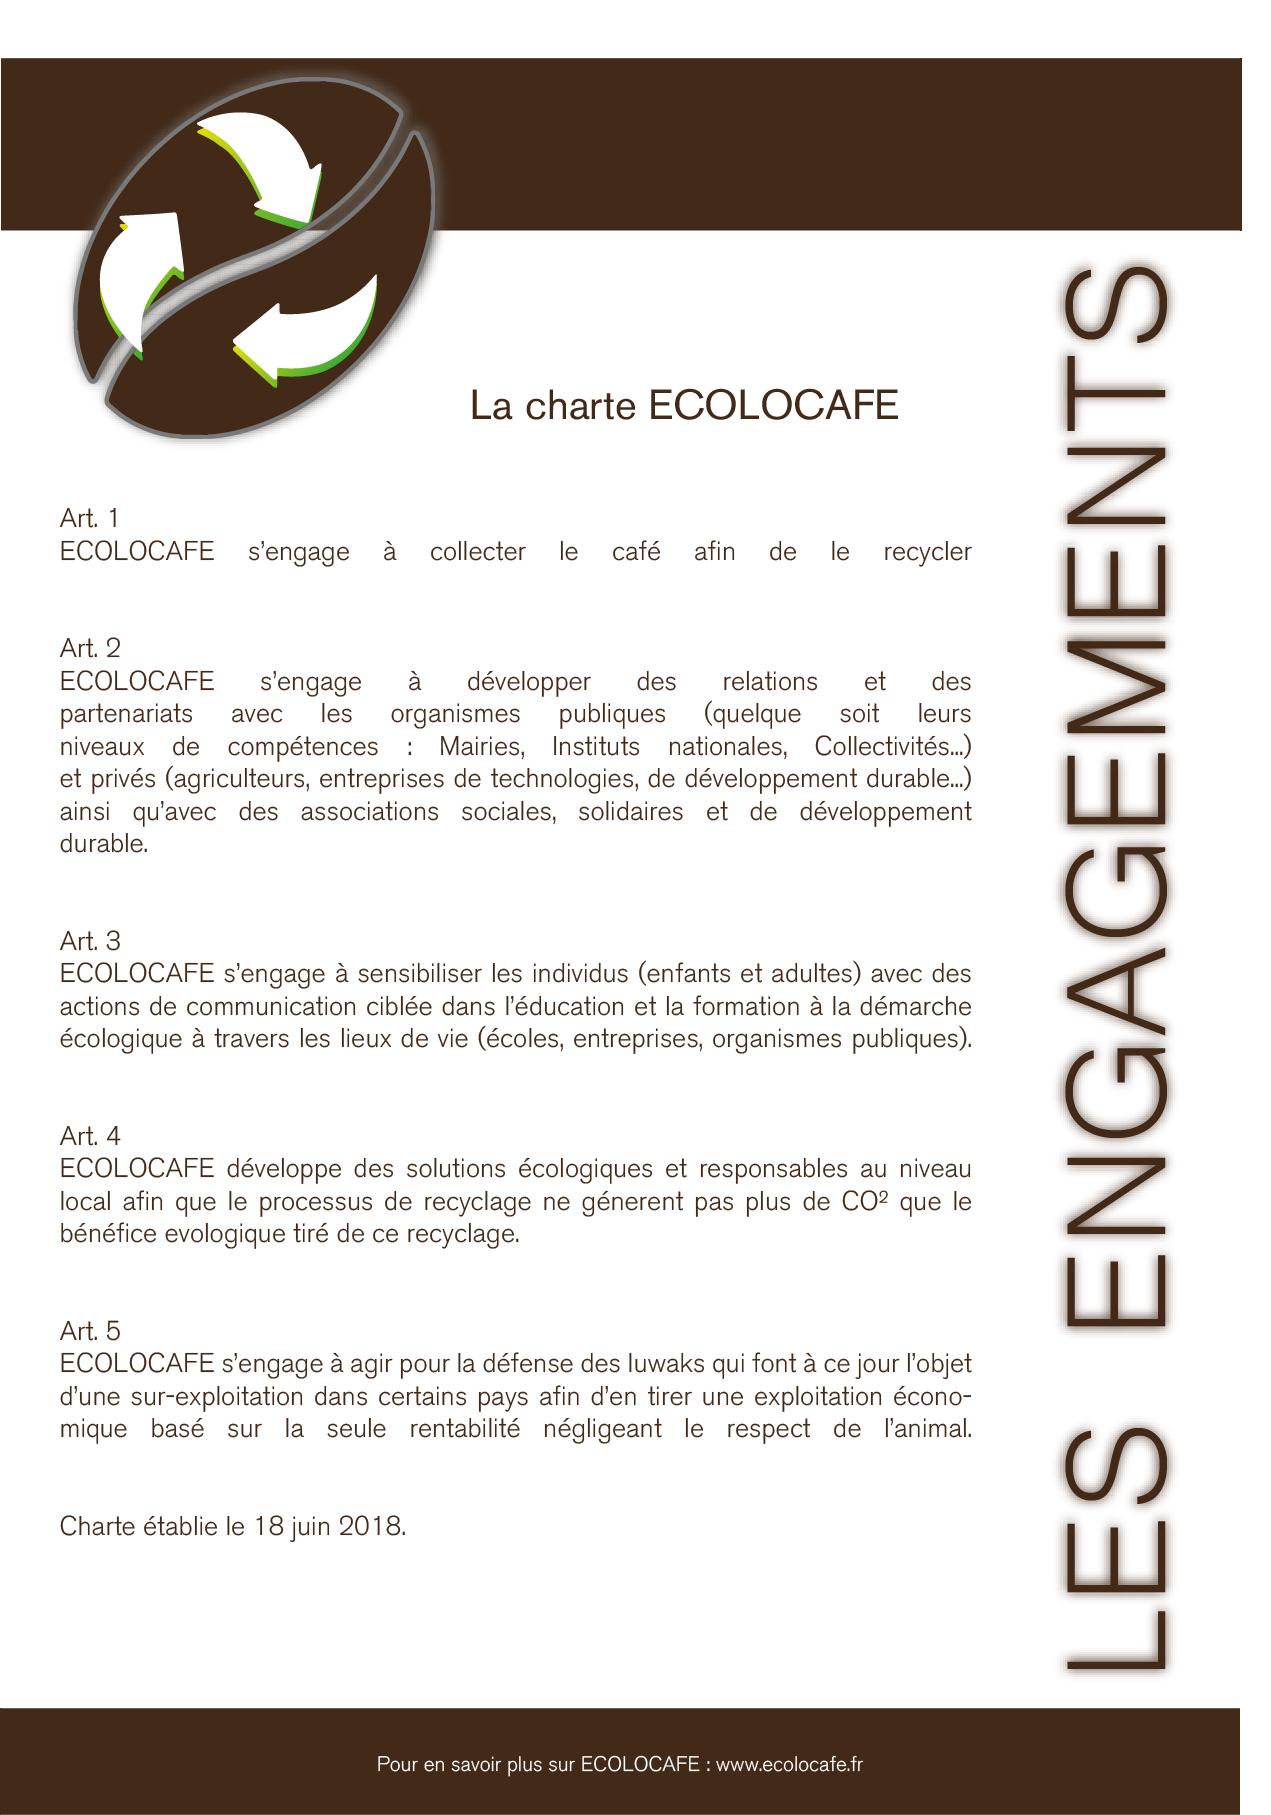 charte_ecolocafe